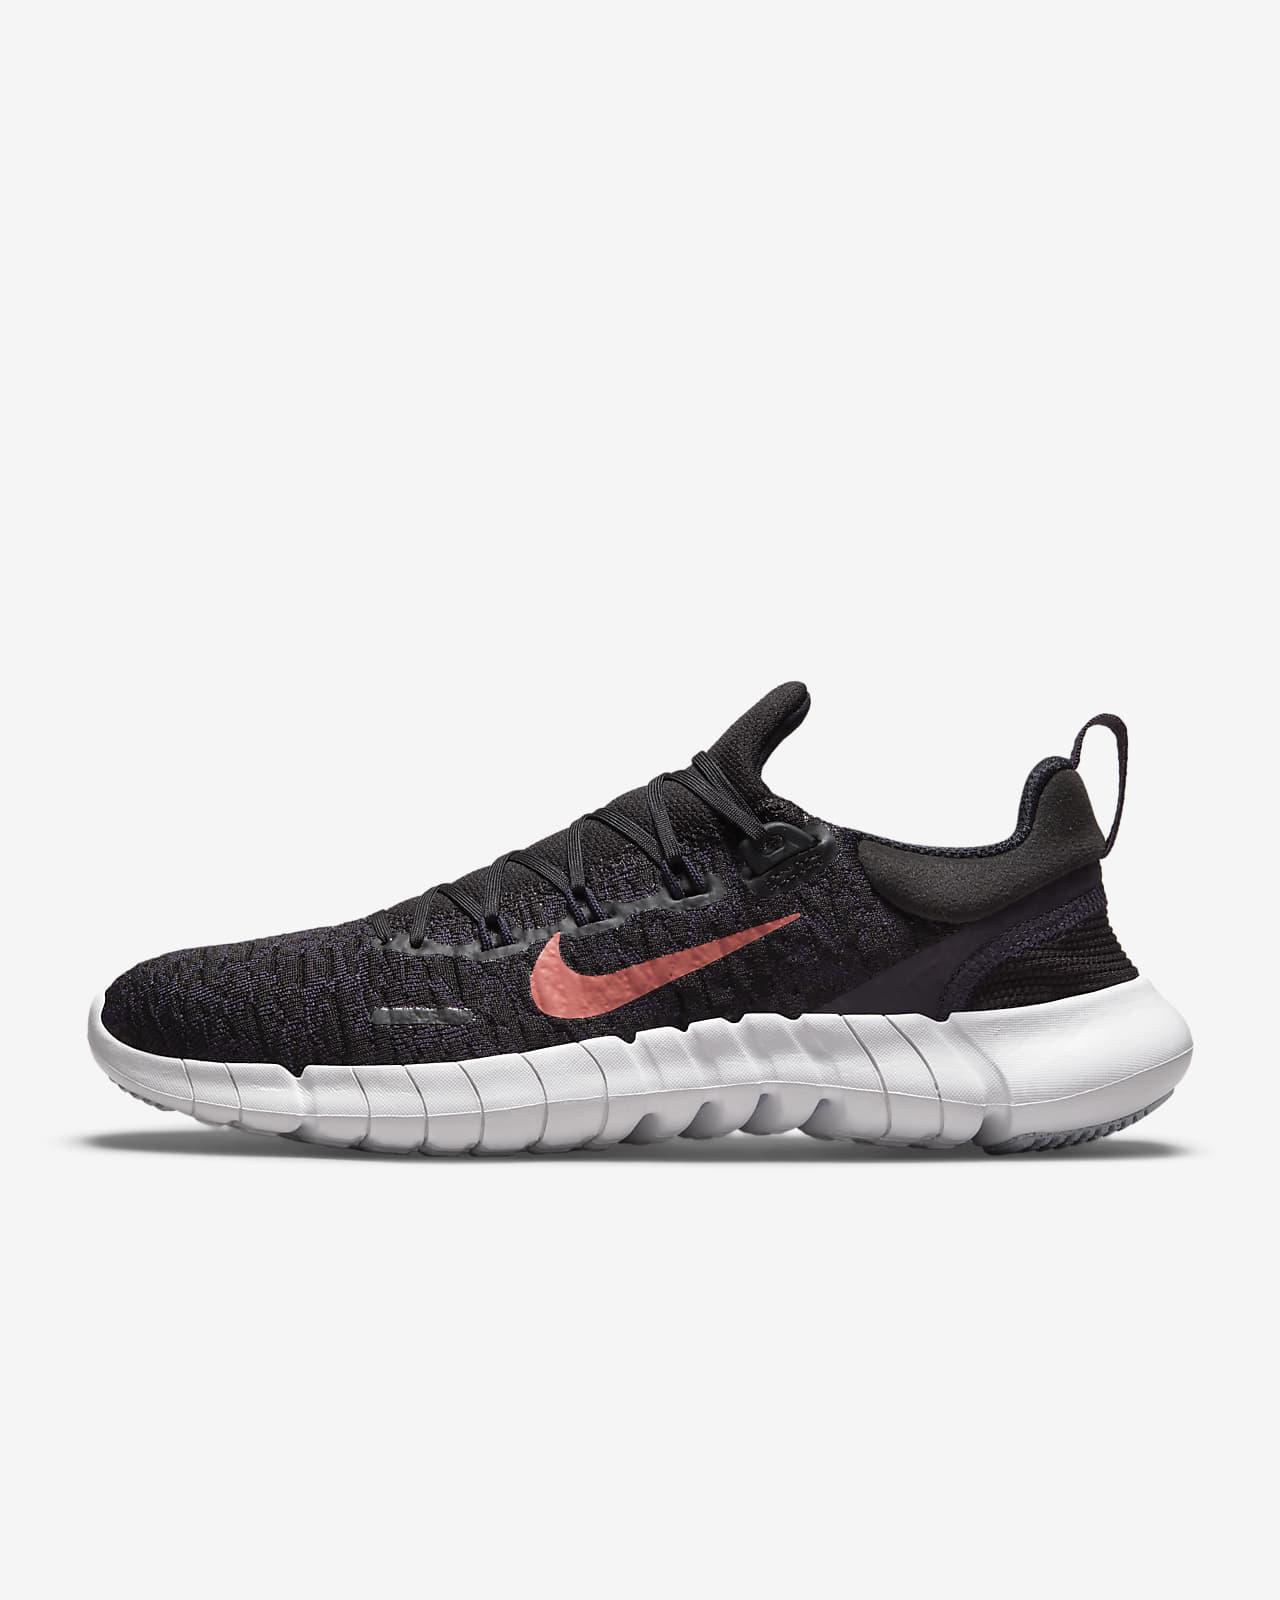 Calzado de running en carretera para mujer  Nike Free Run 5.0